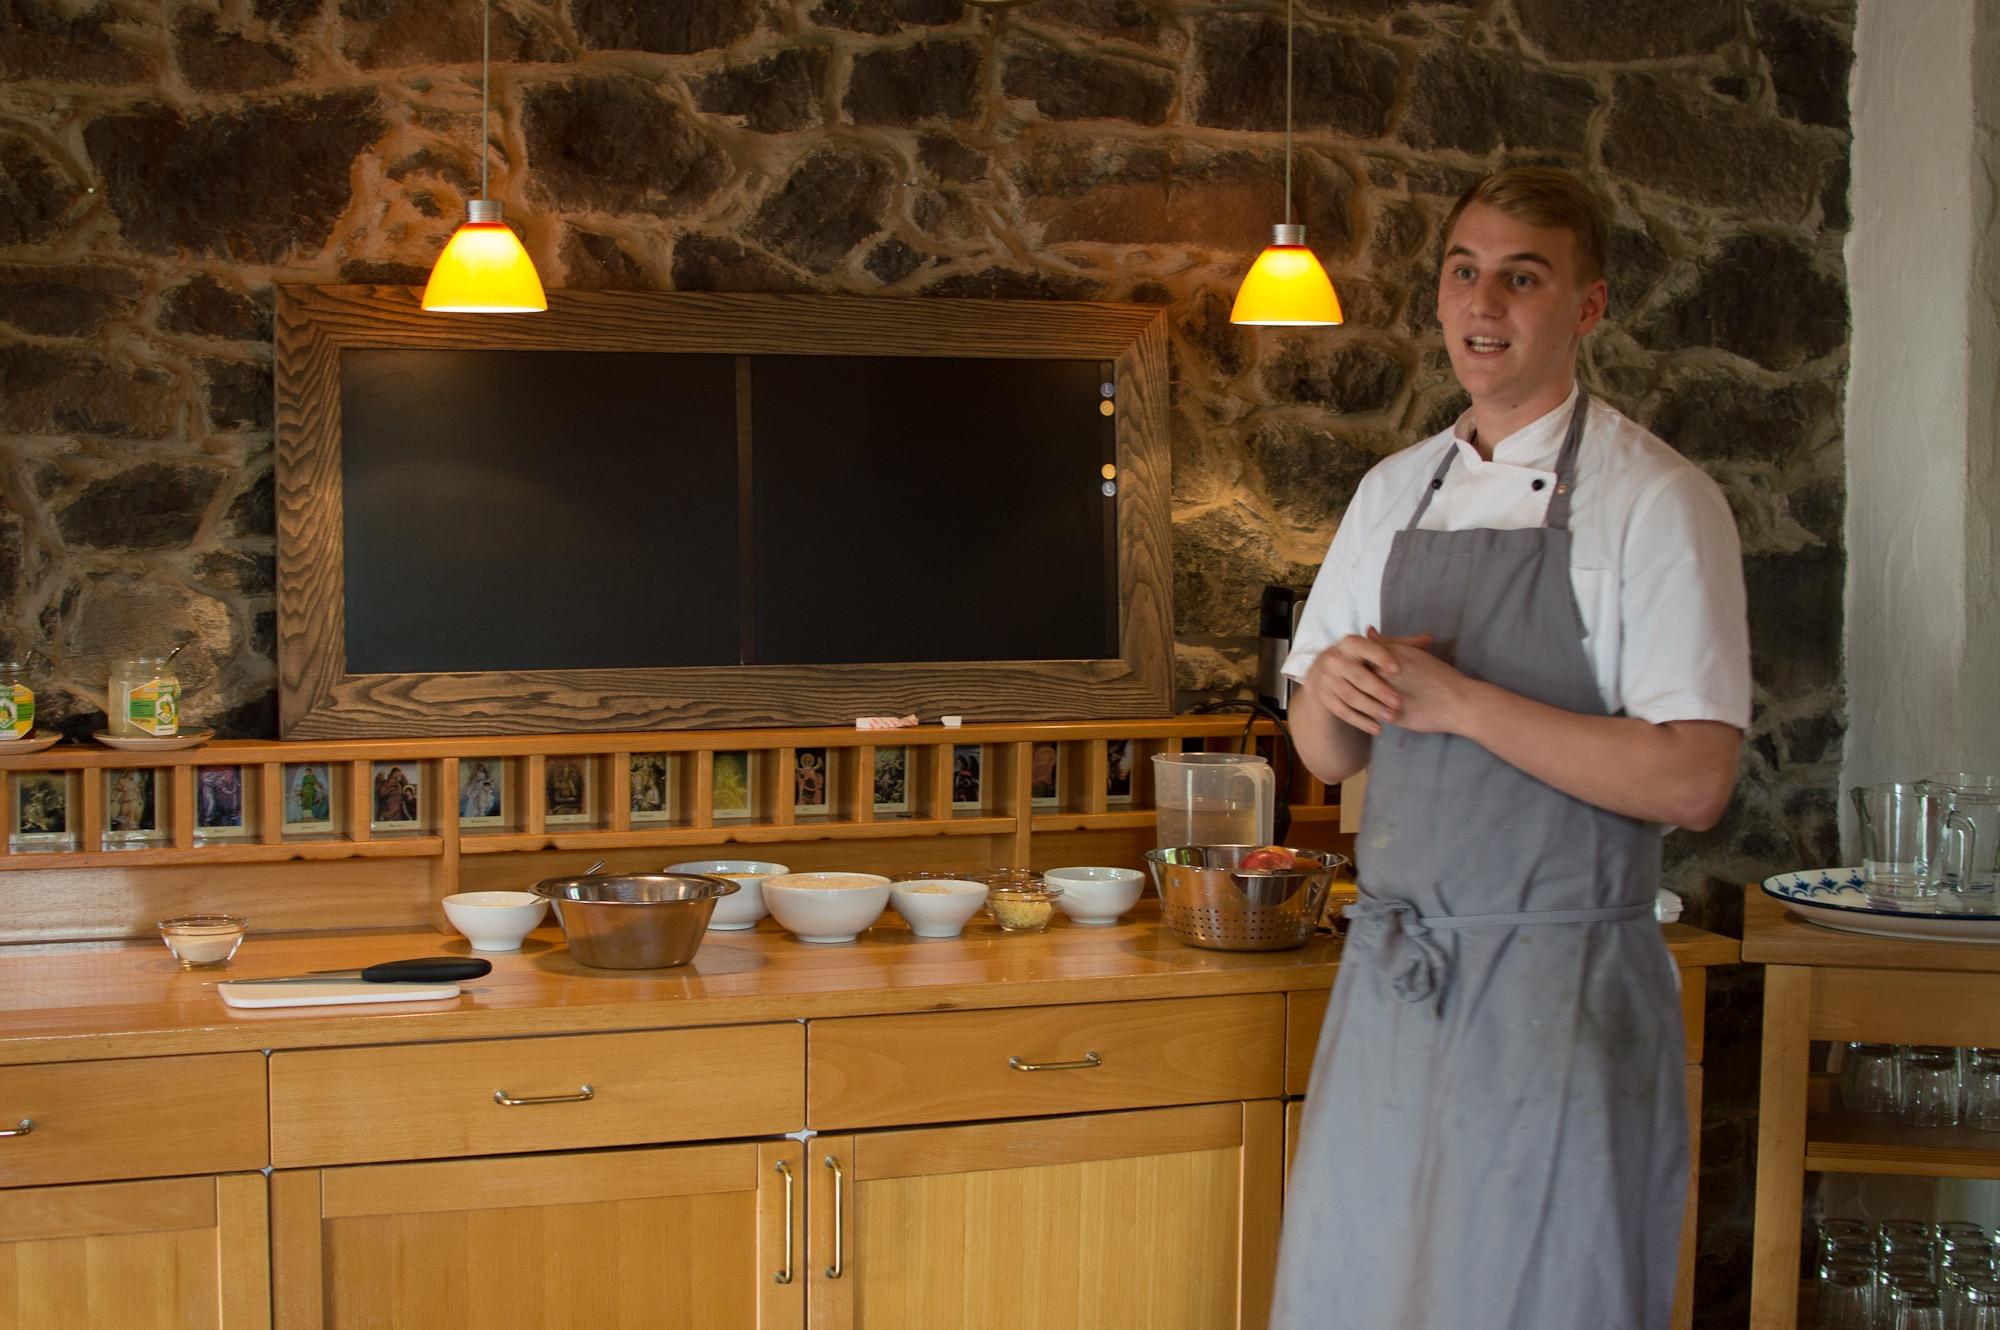 Steinwand Koch Zubereitung Küche Mann Kochschürze